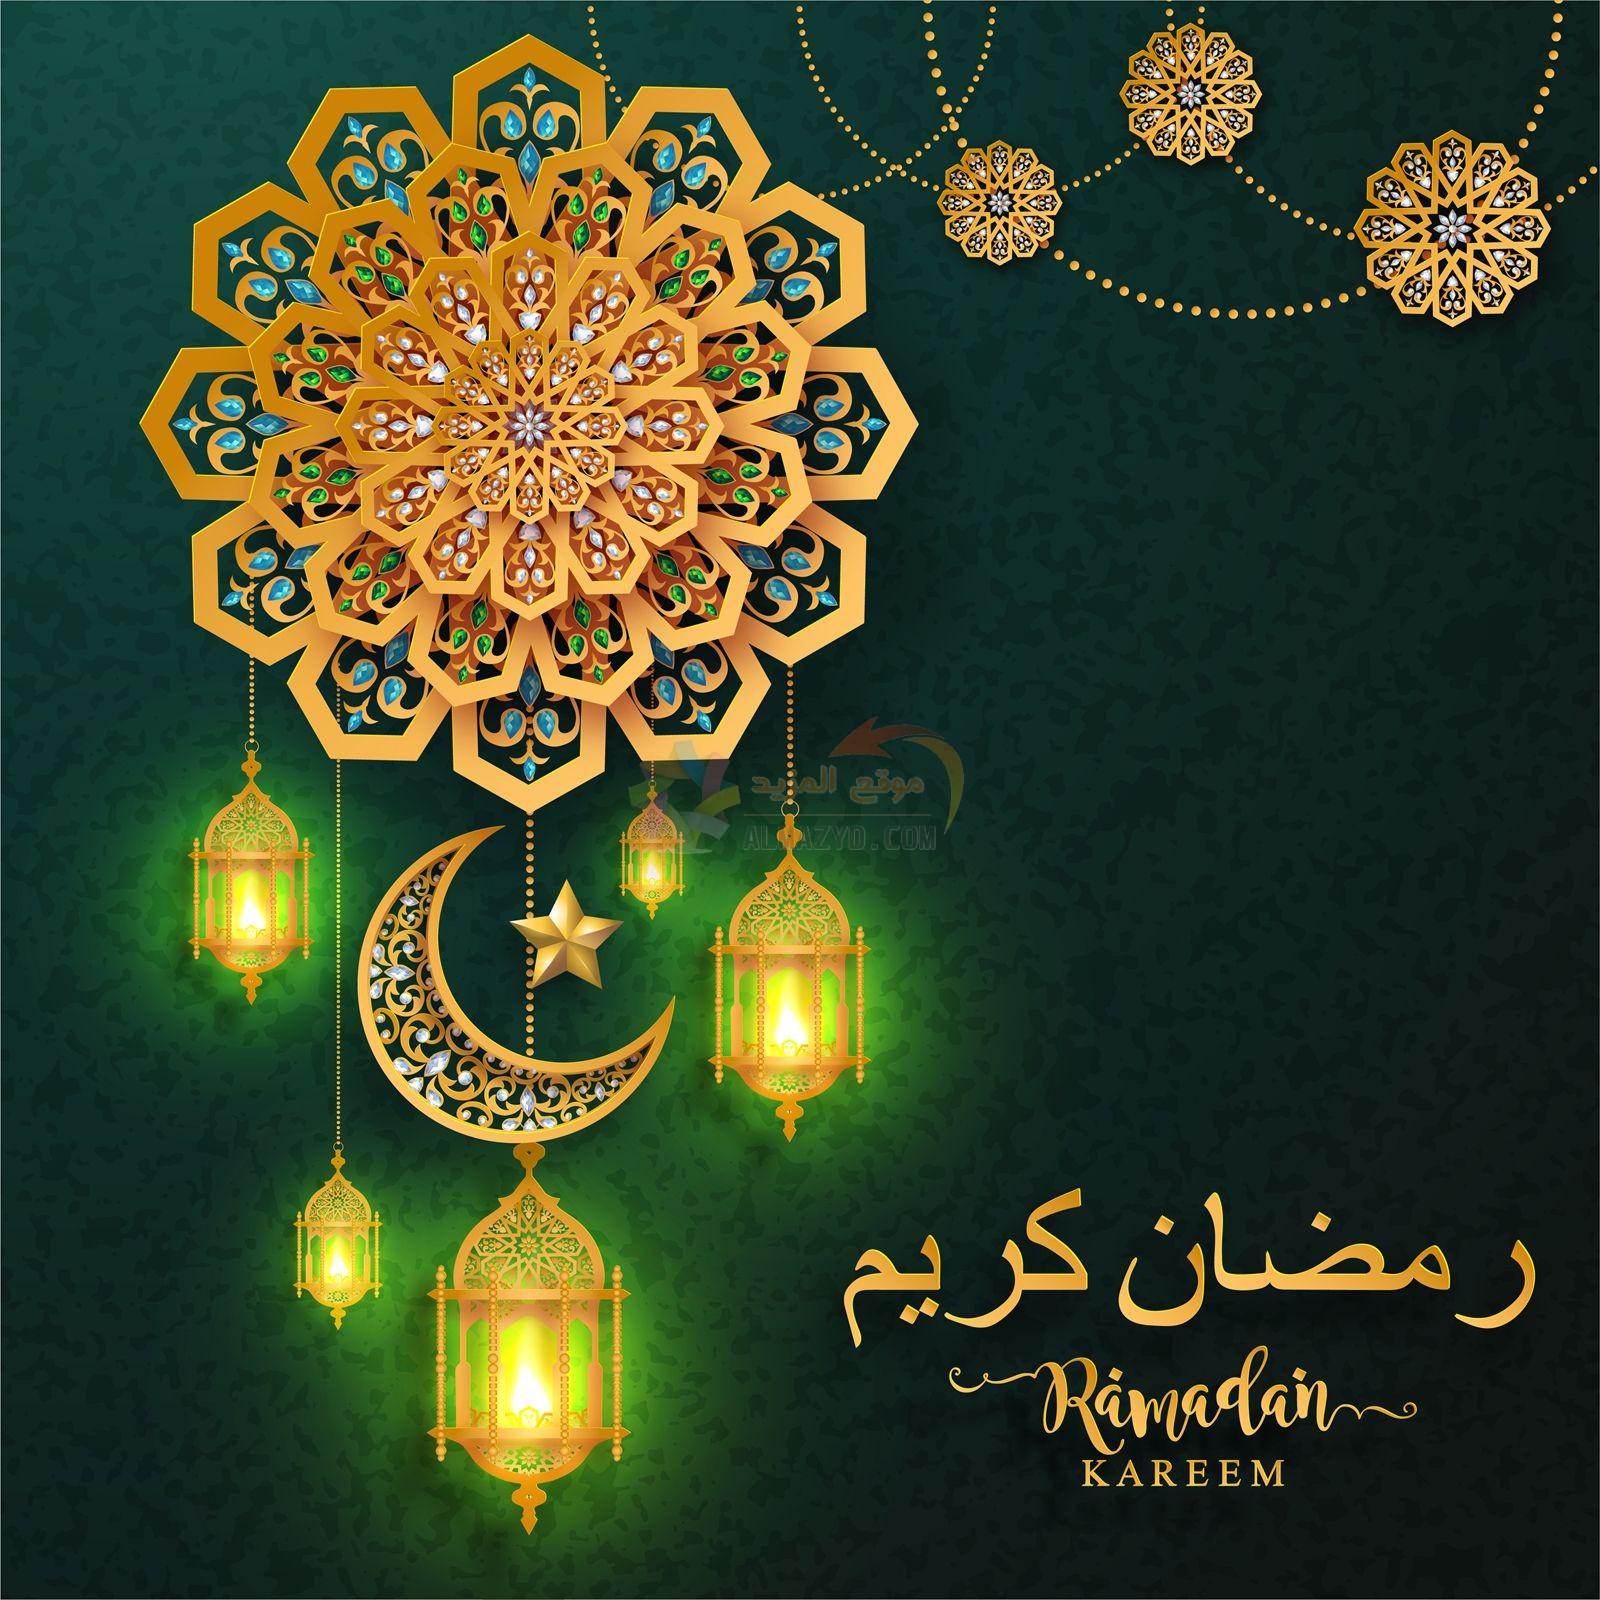 أحلى صور رمضانية 2020 وأجمل تهاني كل عام وأنتم بخير موقع المزيد